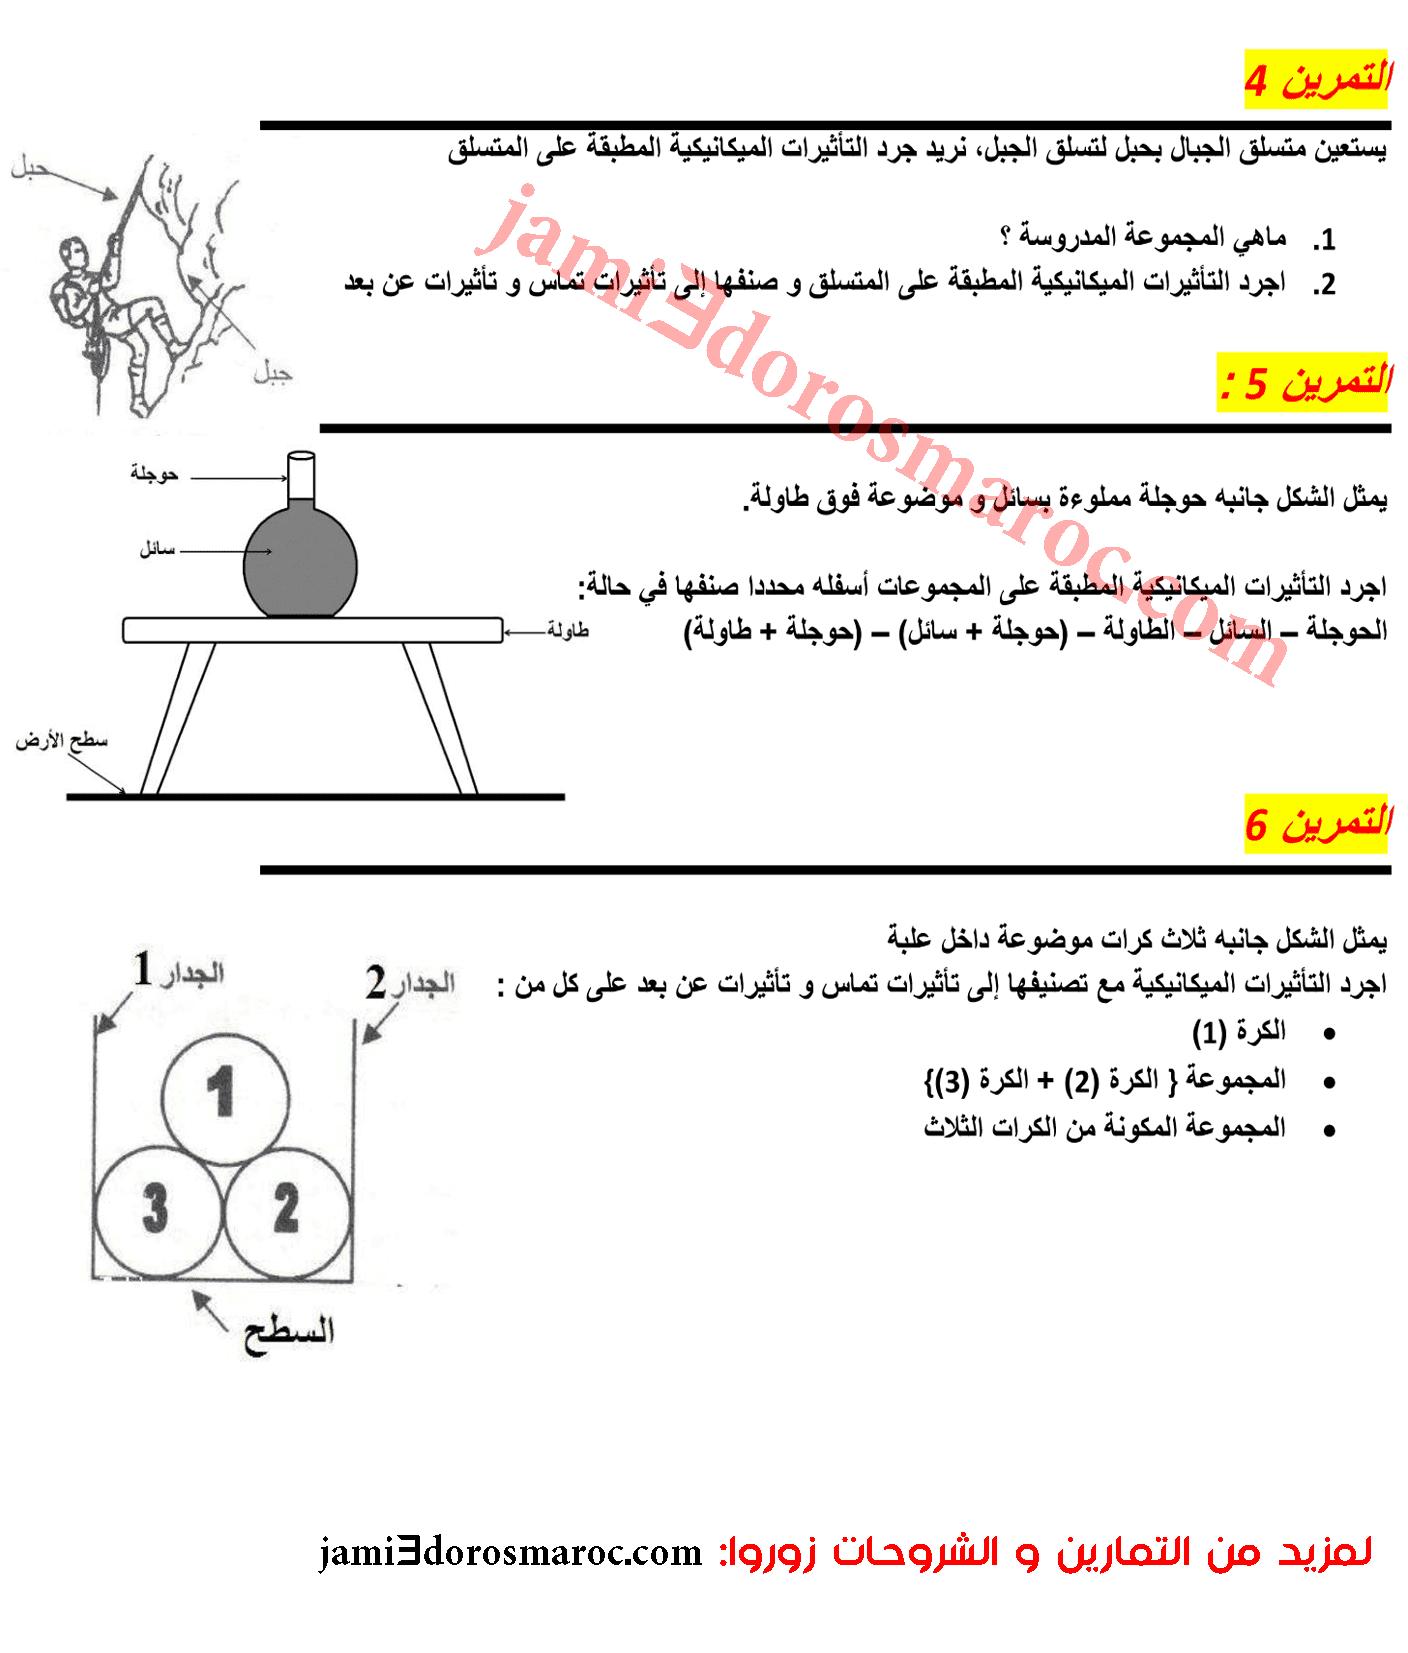 سلسلة تمارين غير محلولة التأثيرات الميكانيكية القوى